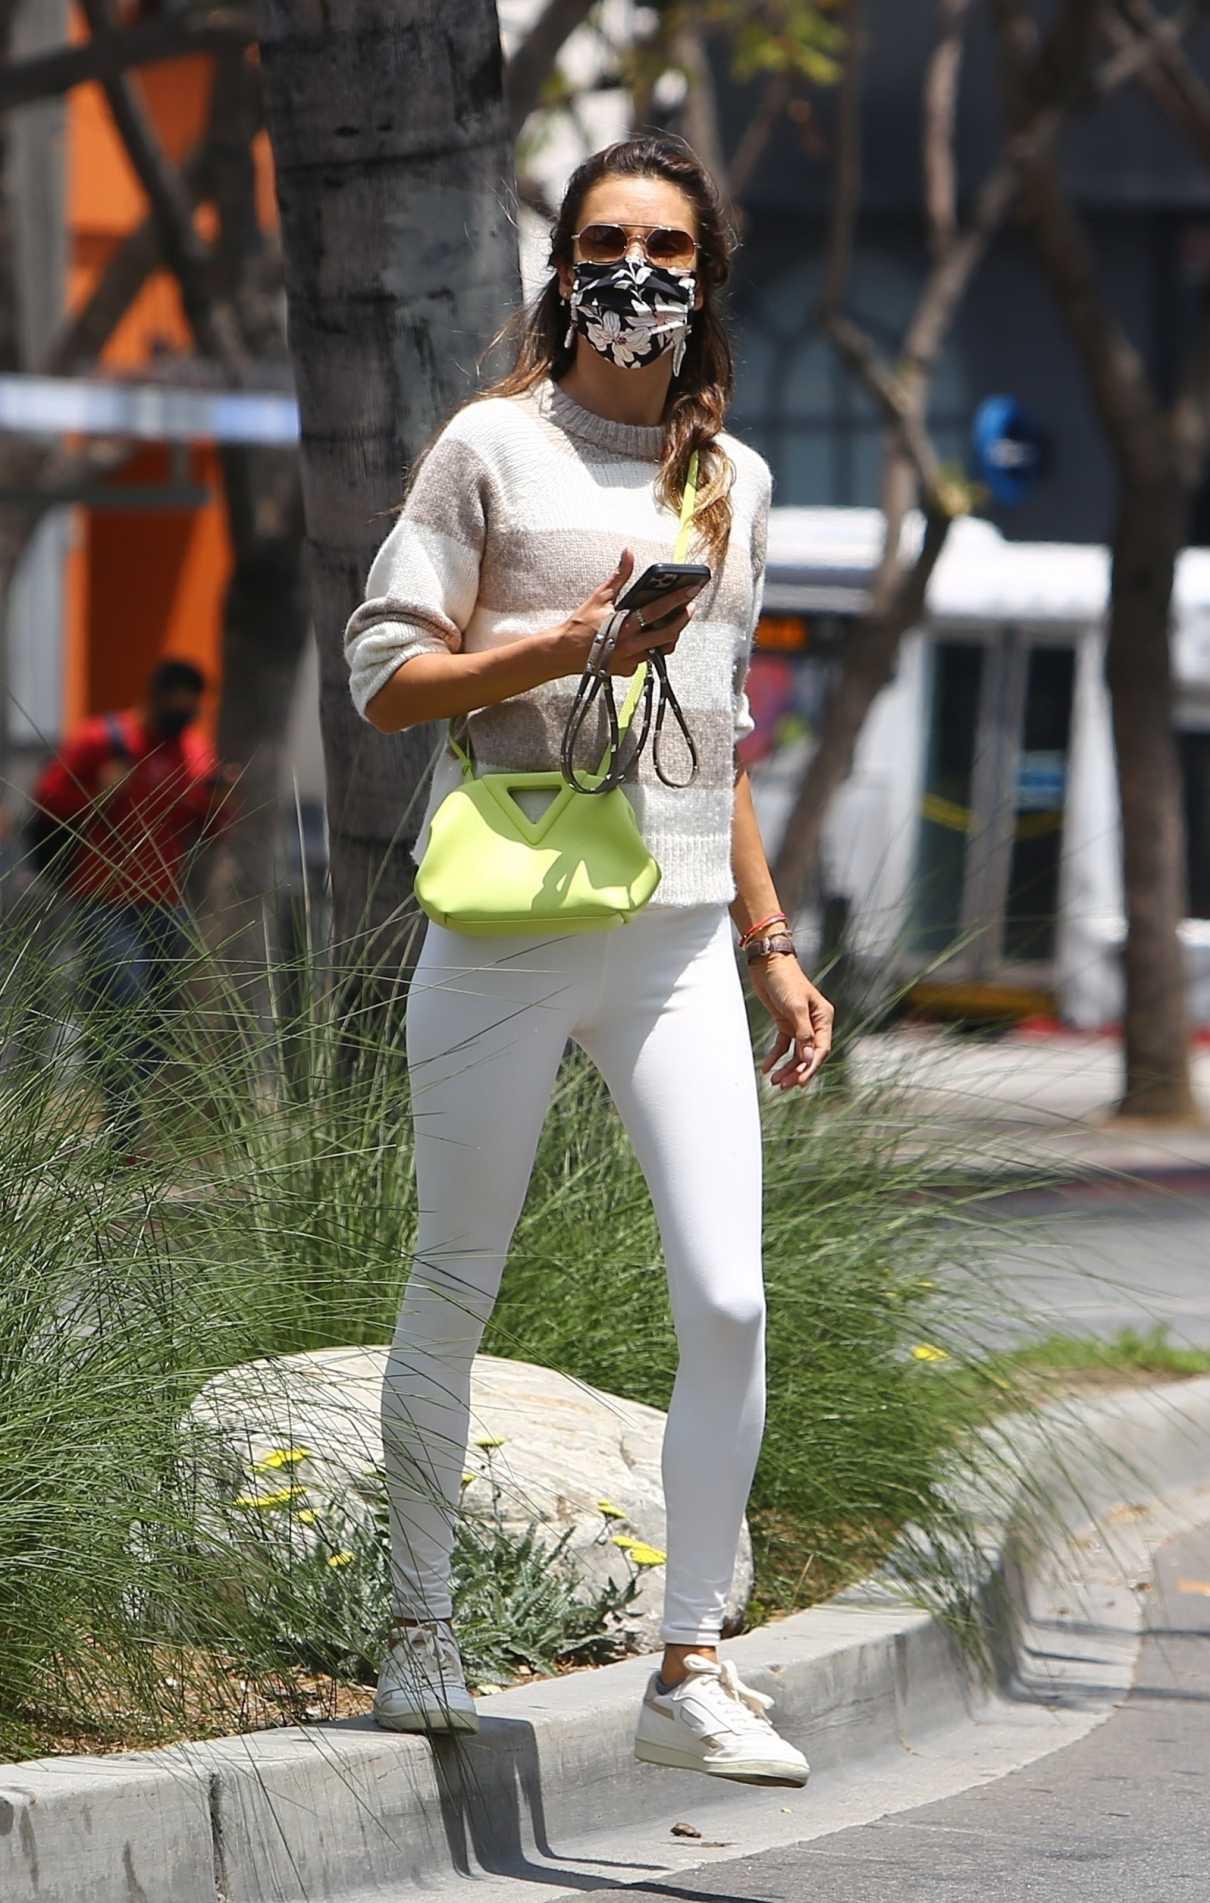 Alessandra Ambrosio in a White Leggings